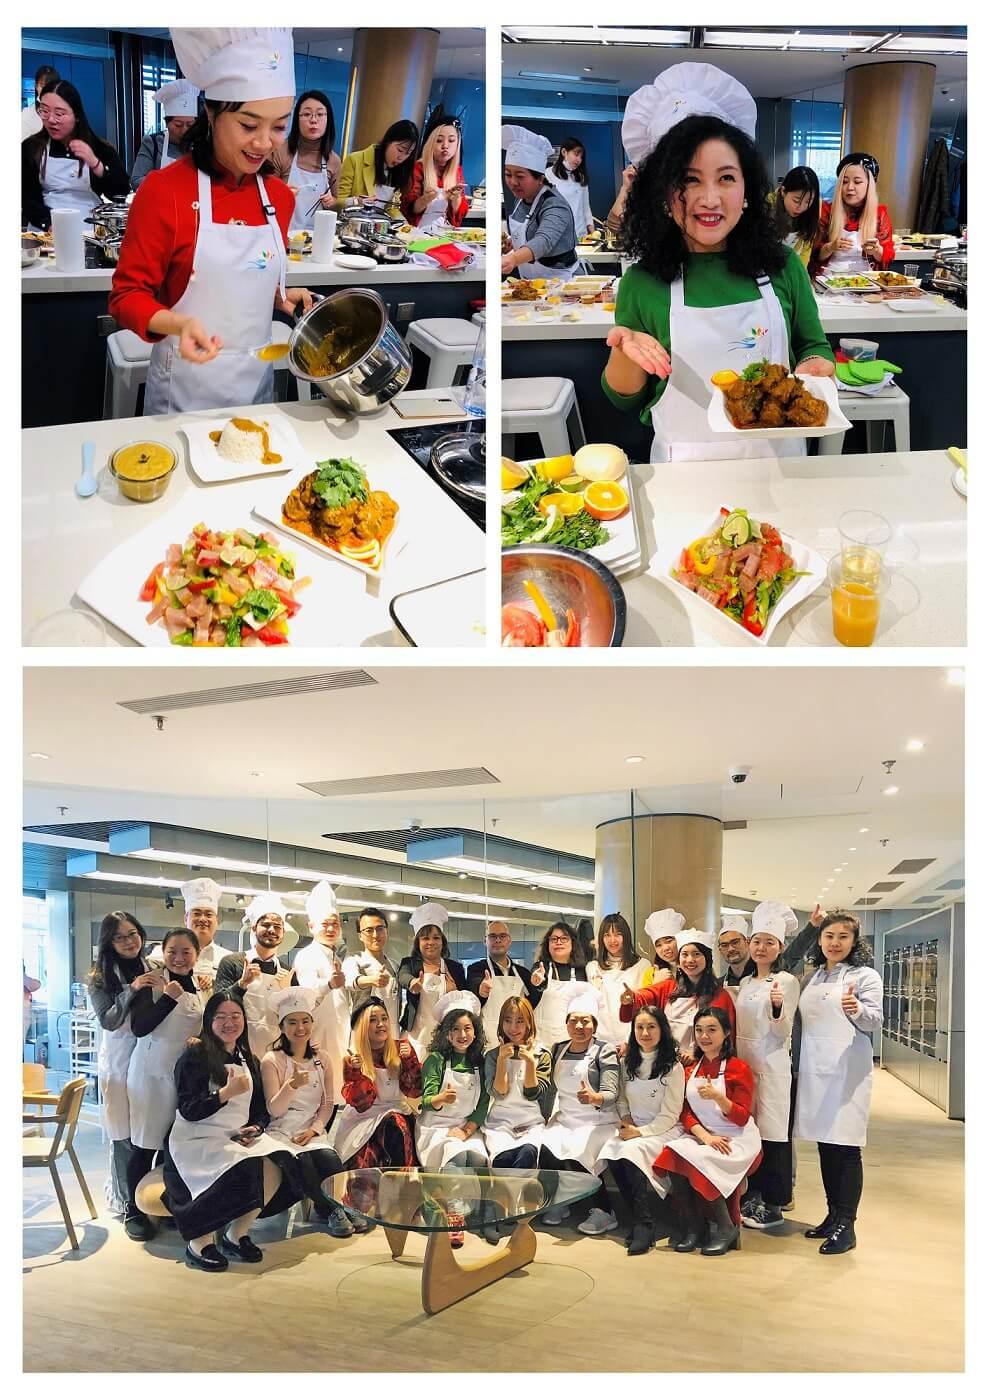 جزر سيشل تعزز سياحة الطهو في بكين